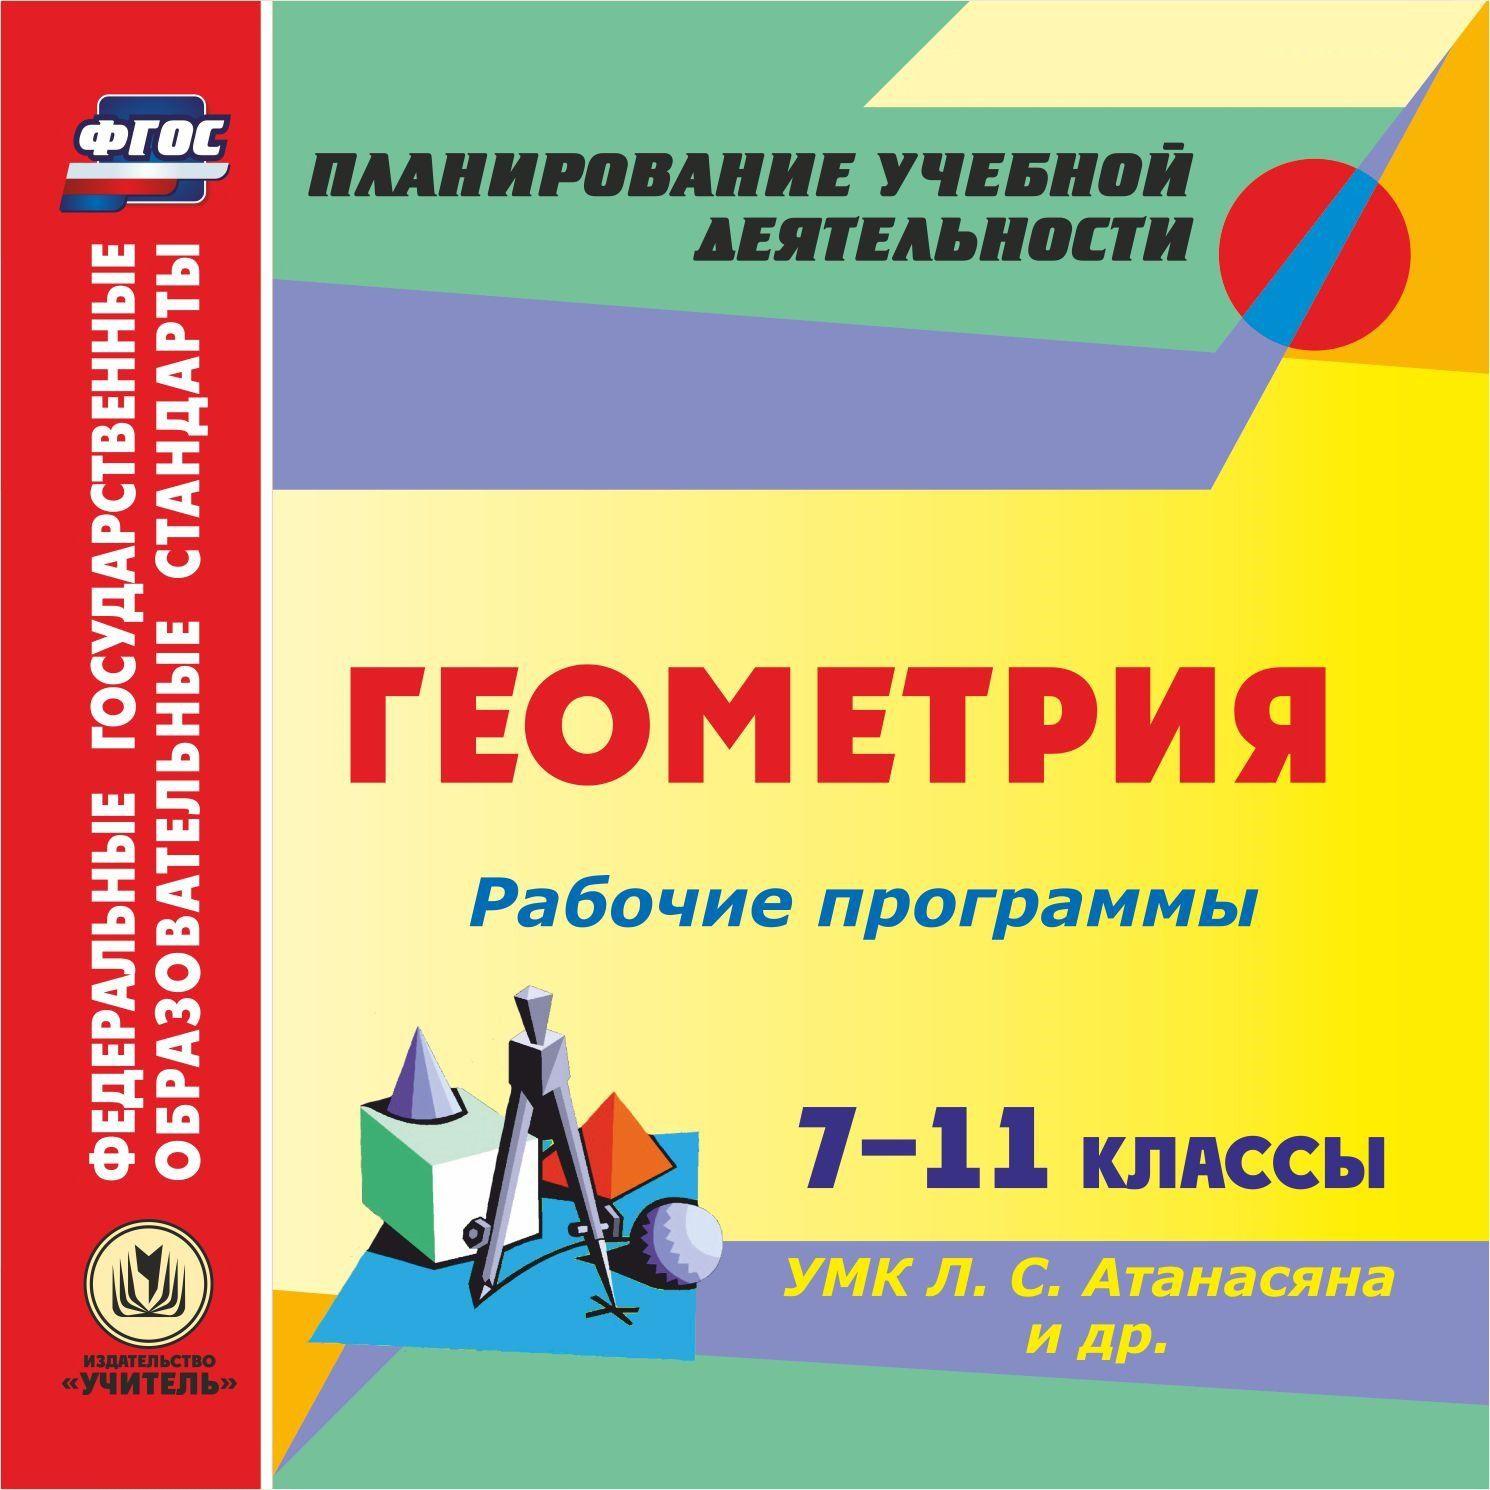 Рабочие программы. Геометрия. 7-11 классы. УМК Л.С. Атанасяна и др. Программа для установки через Интернет